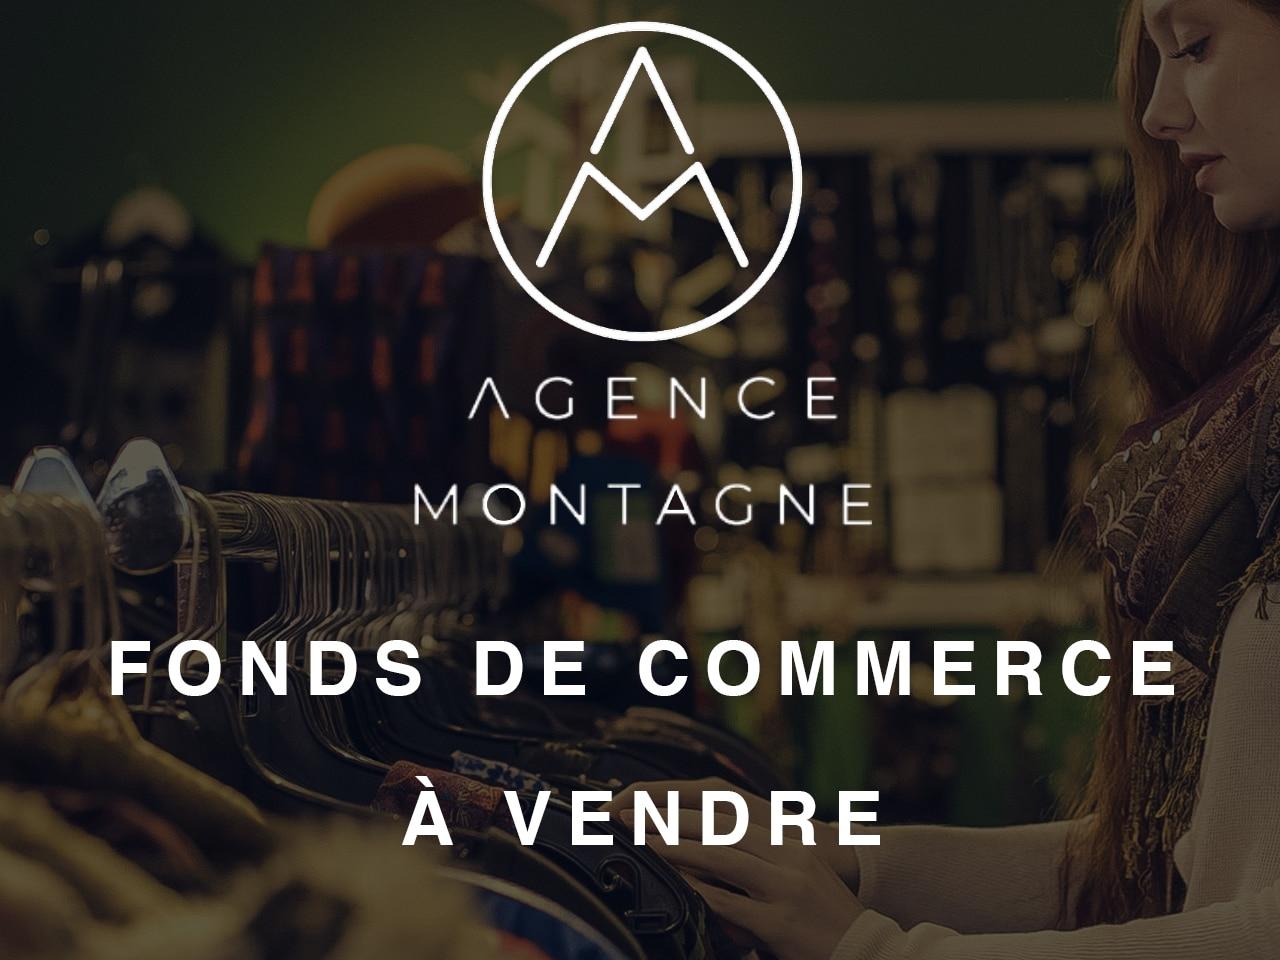 Vente Agence Mer Montagne Valloire